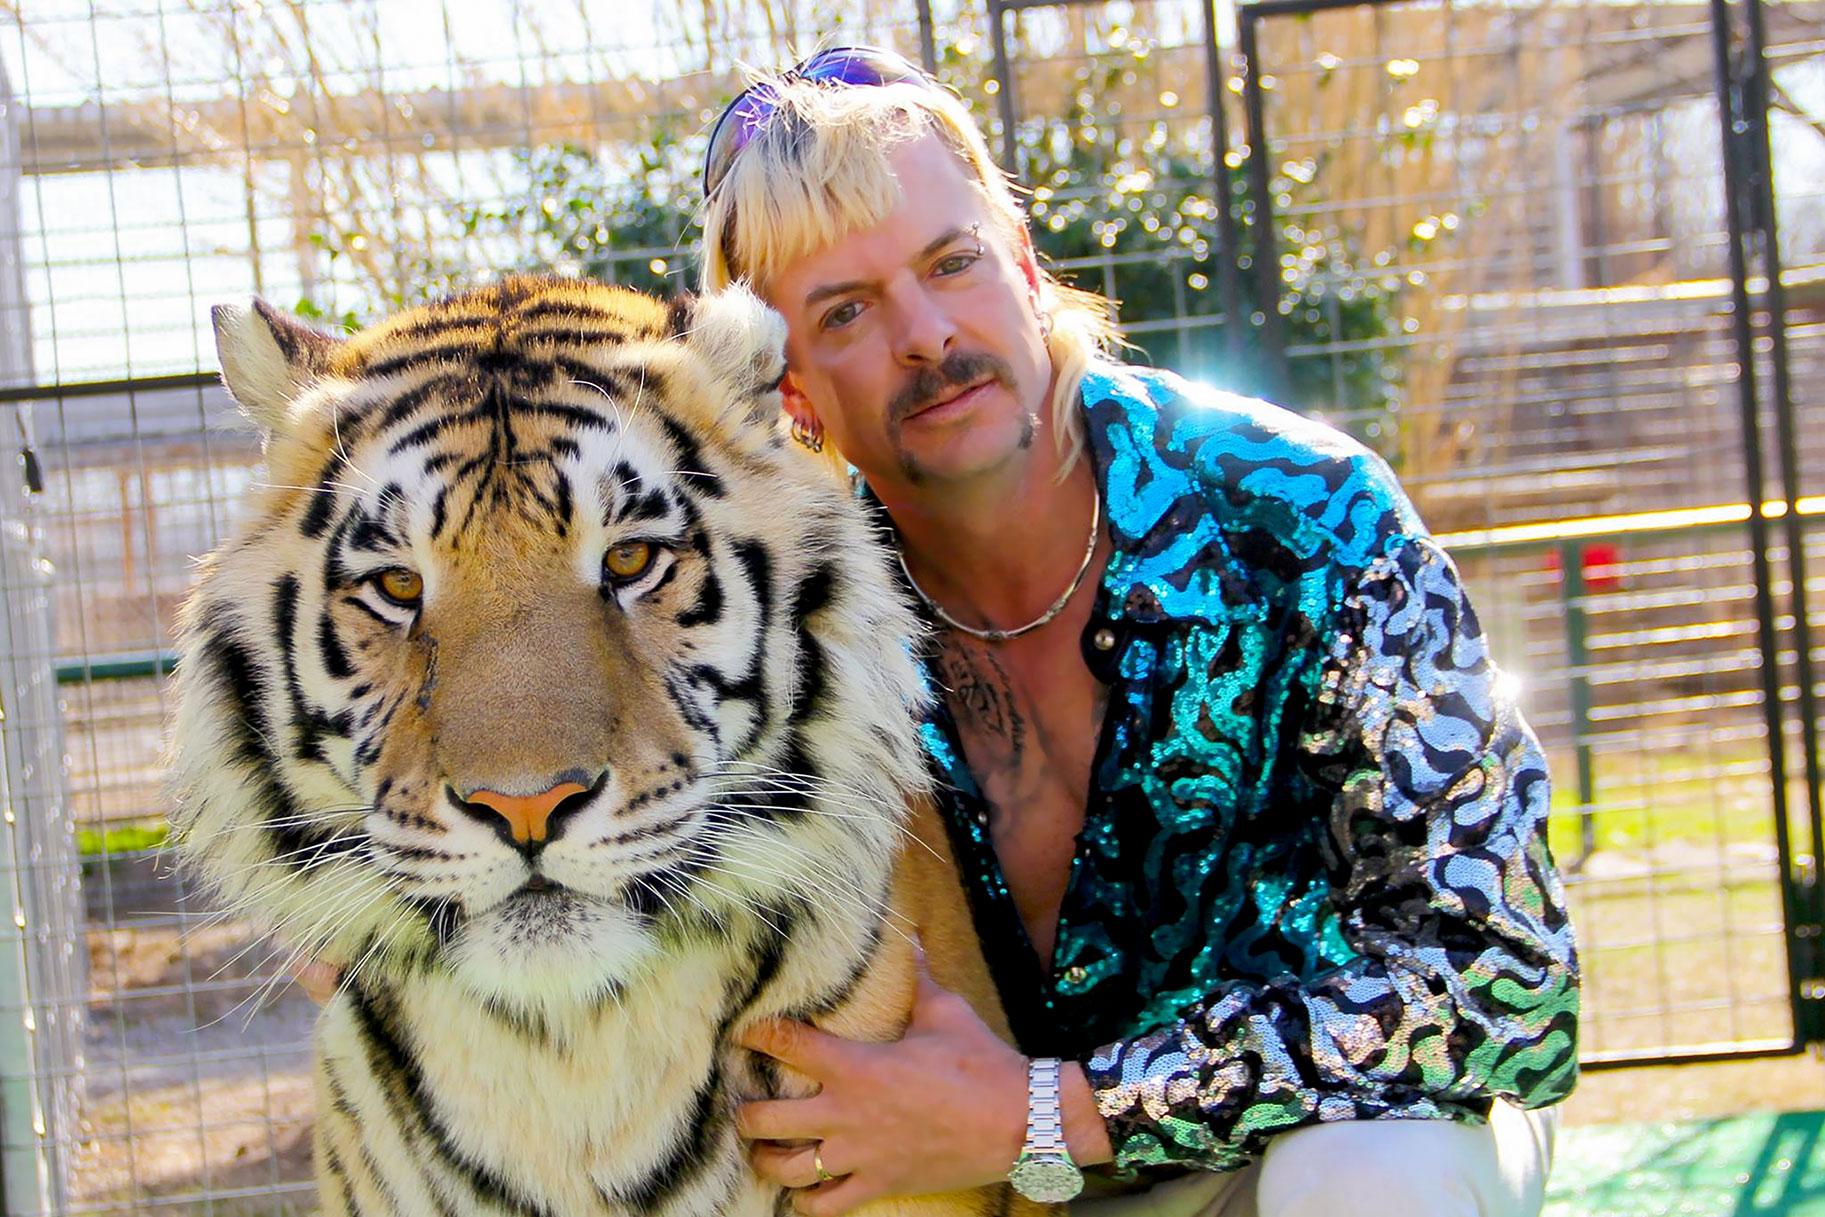 Er det virkelig lovligt at købe en masse løver og tigre som Joe Exotic og starte en privat zoologisk have?